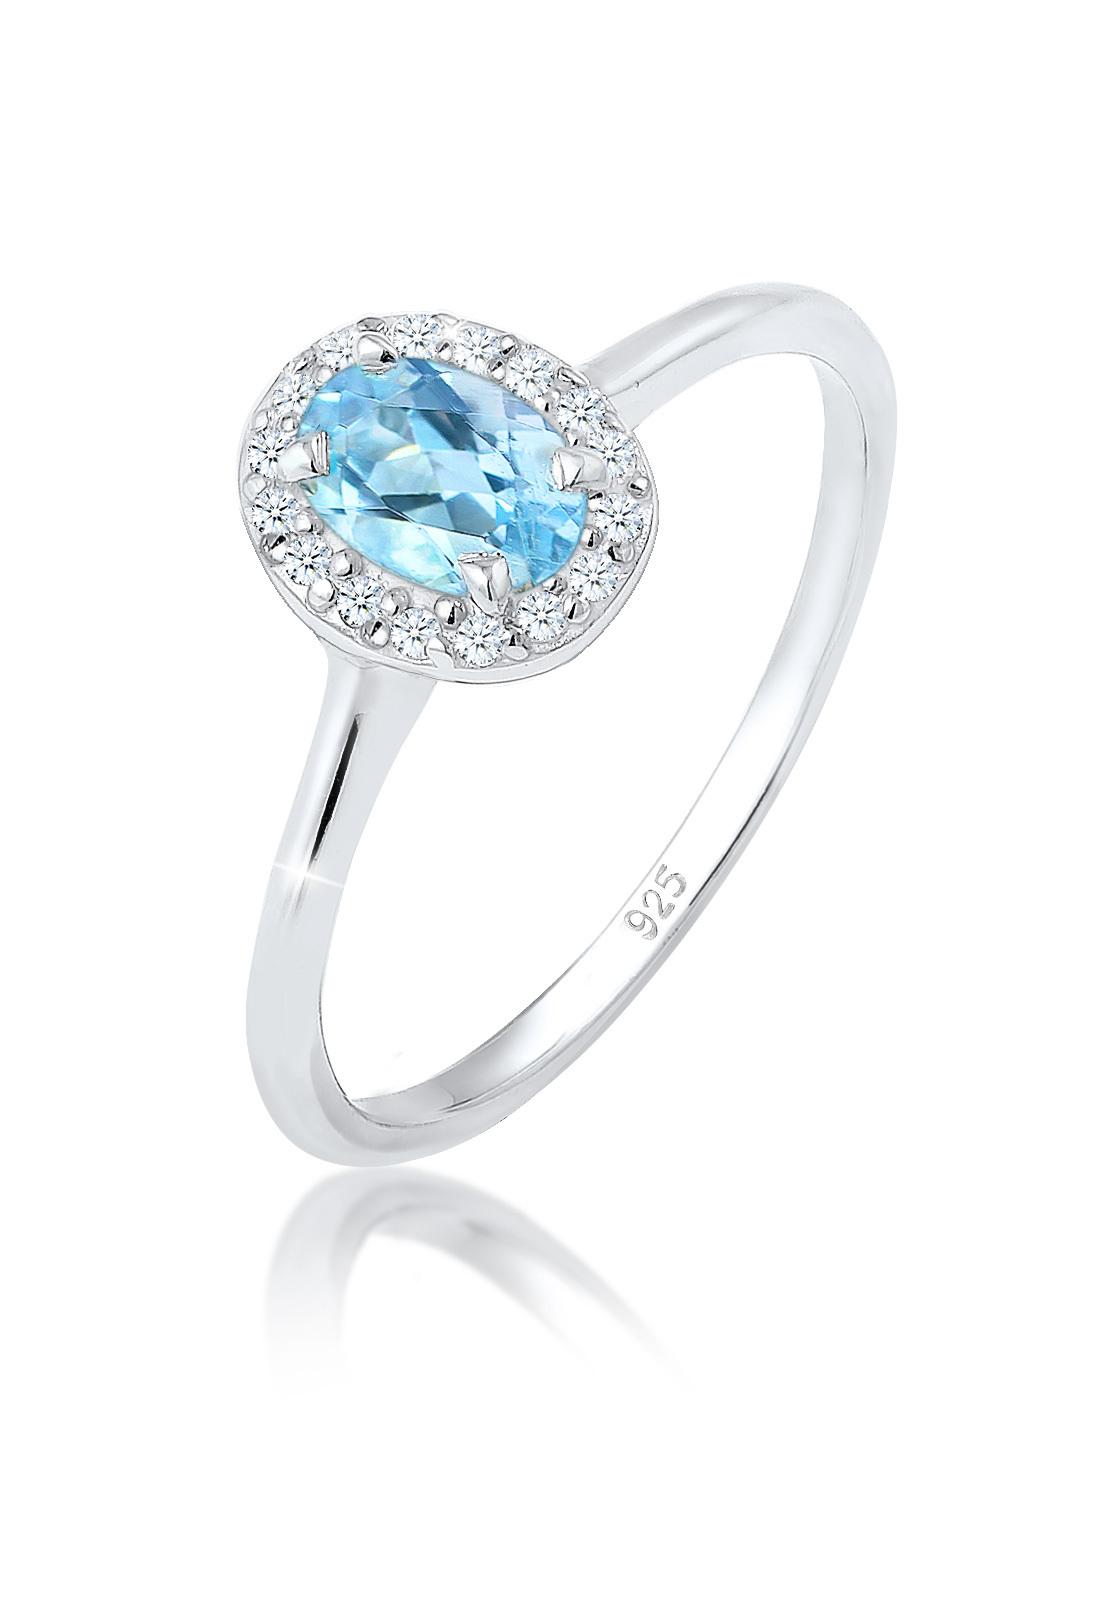 Verlobungsring   Diamant ( Weiß, 0,08 ct )   925er Sterling Silber